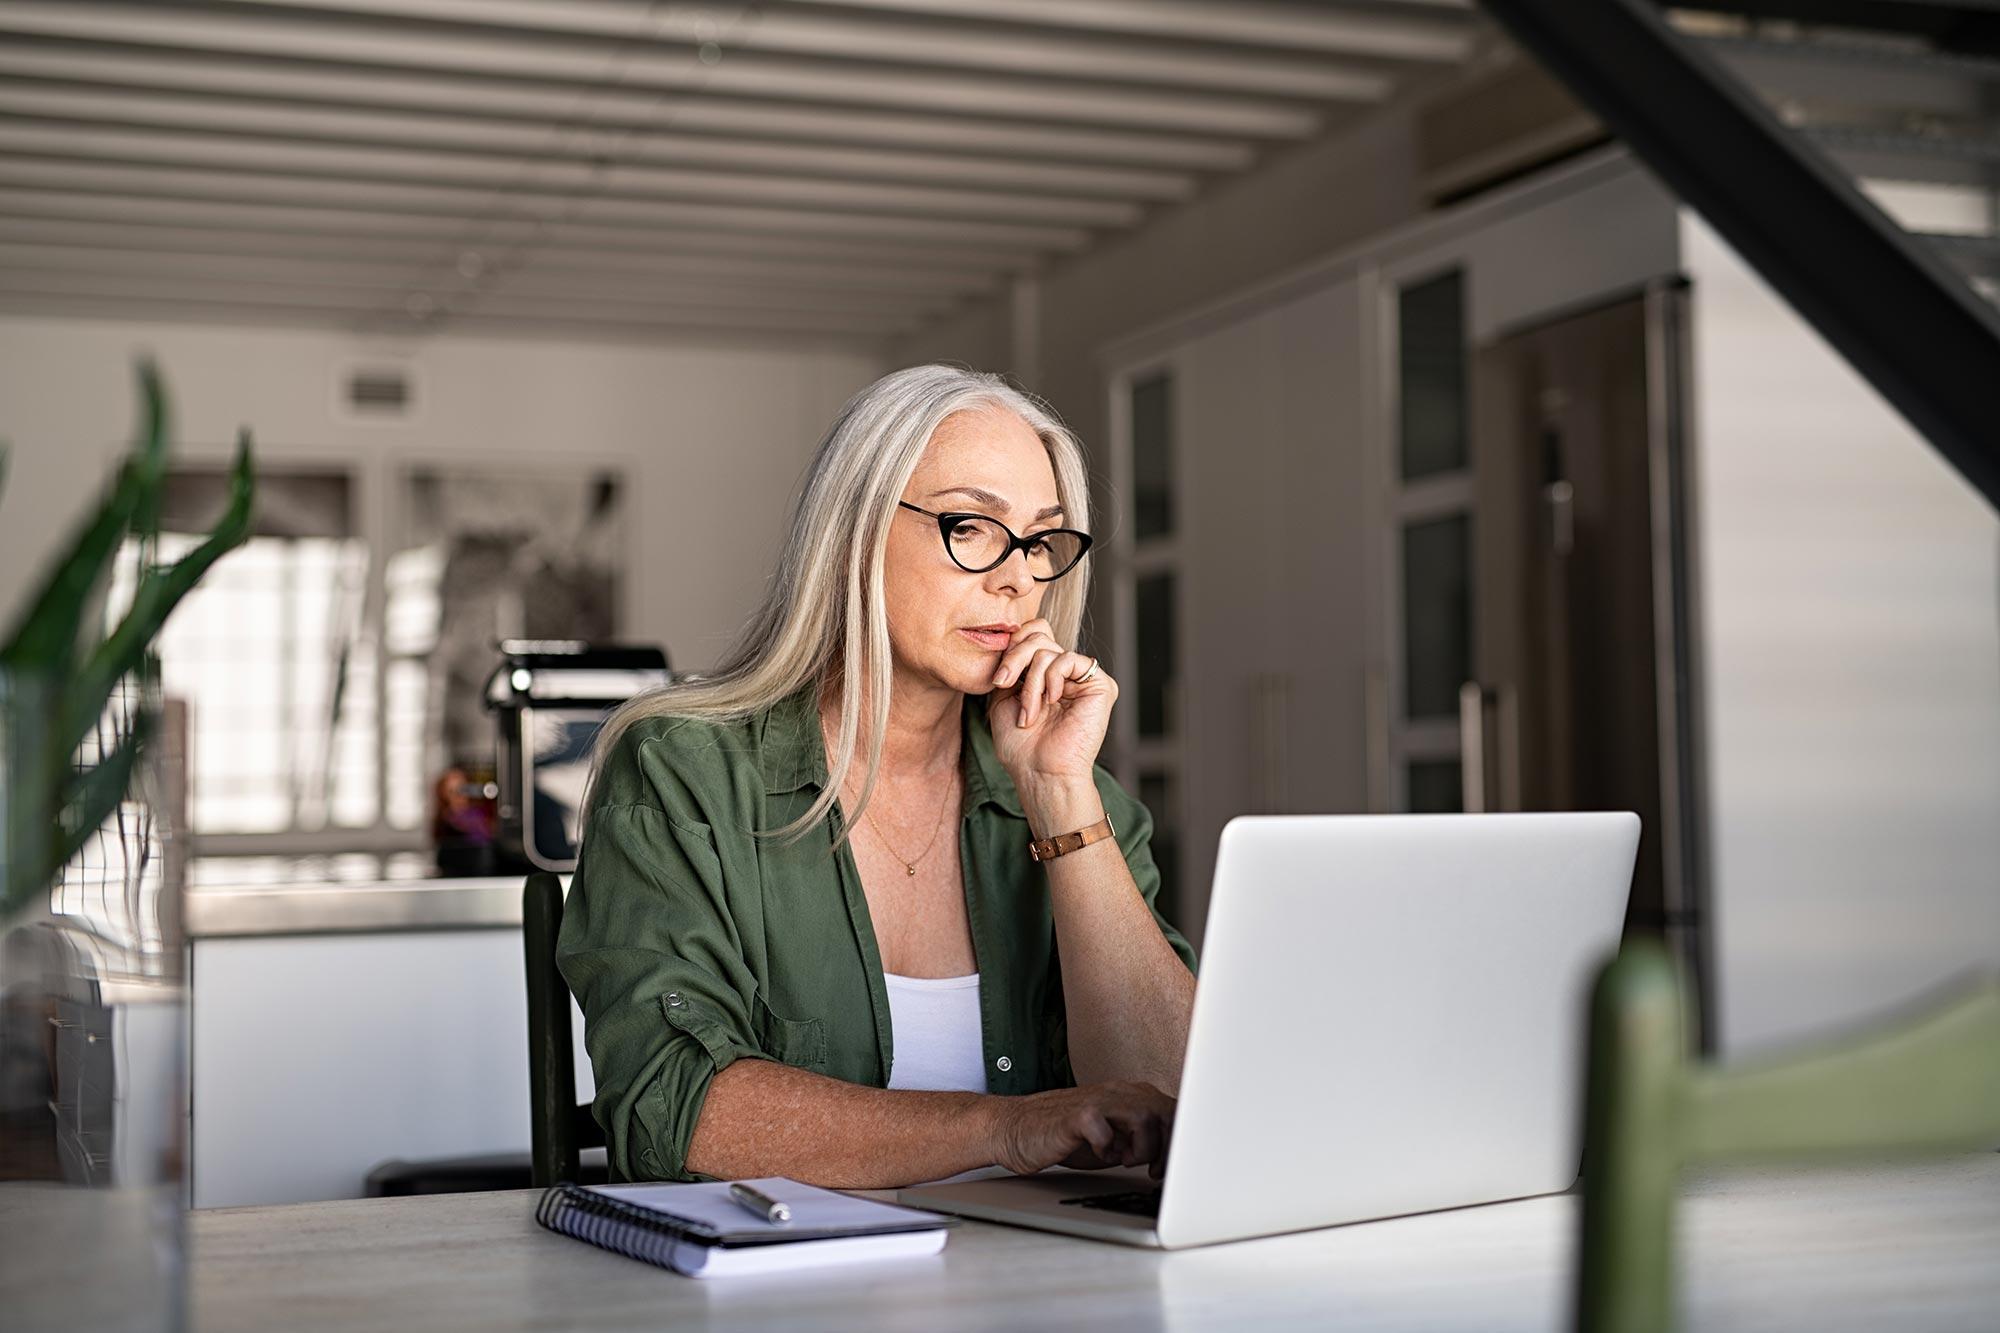 Woman researching symptoms